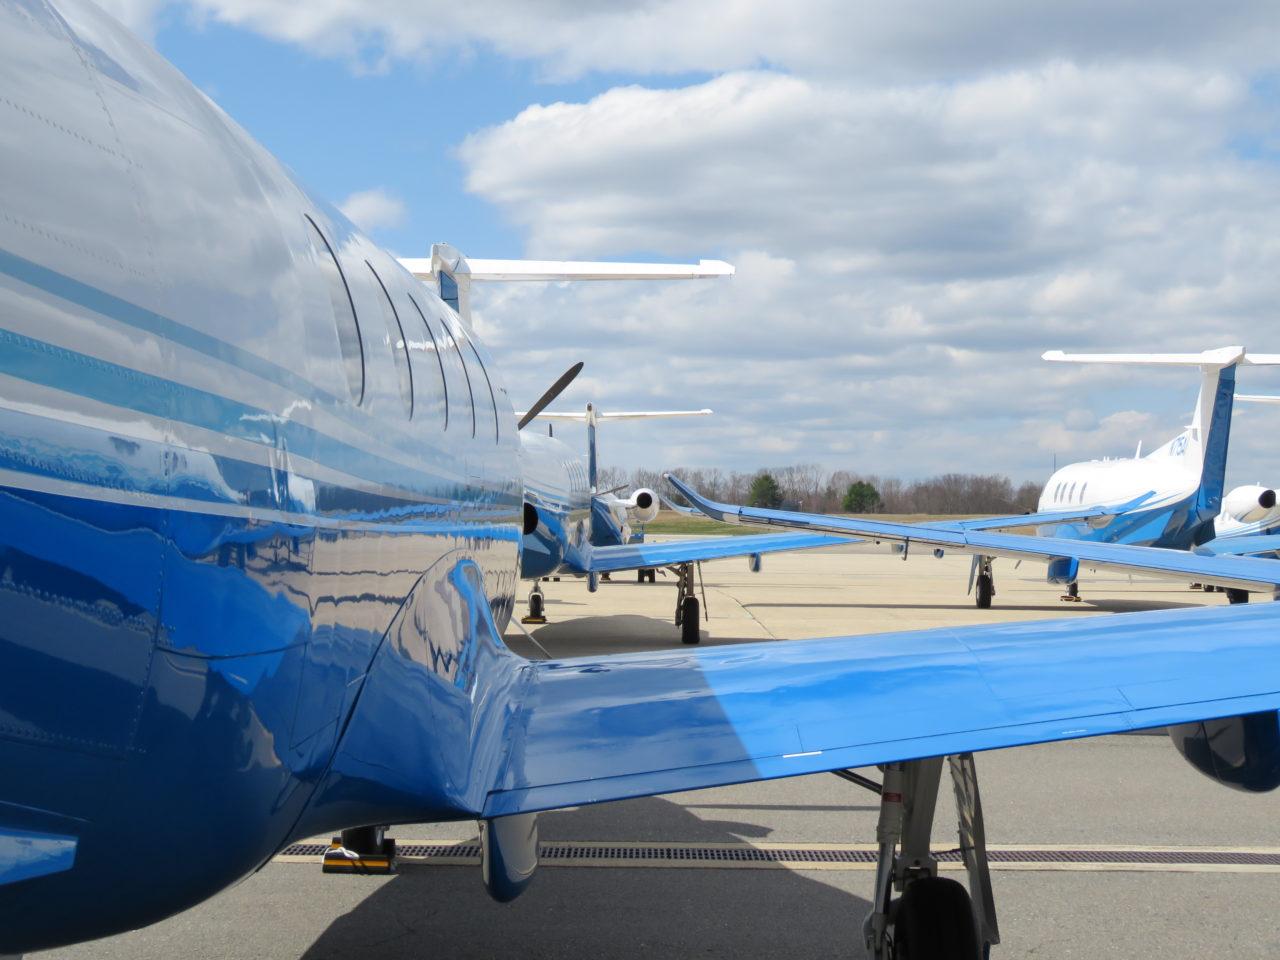 PlaneSense Fleet